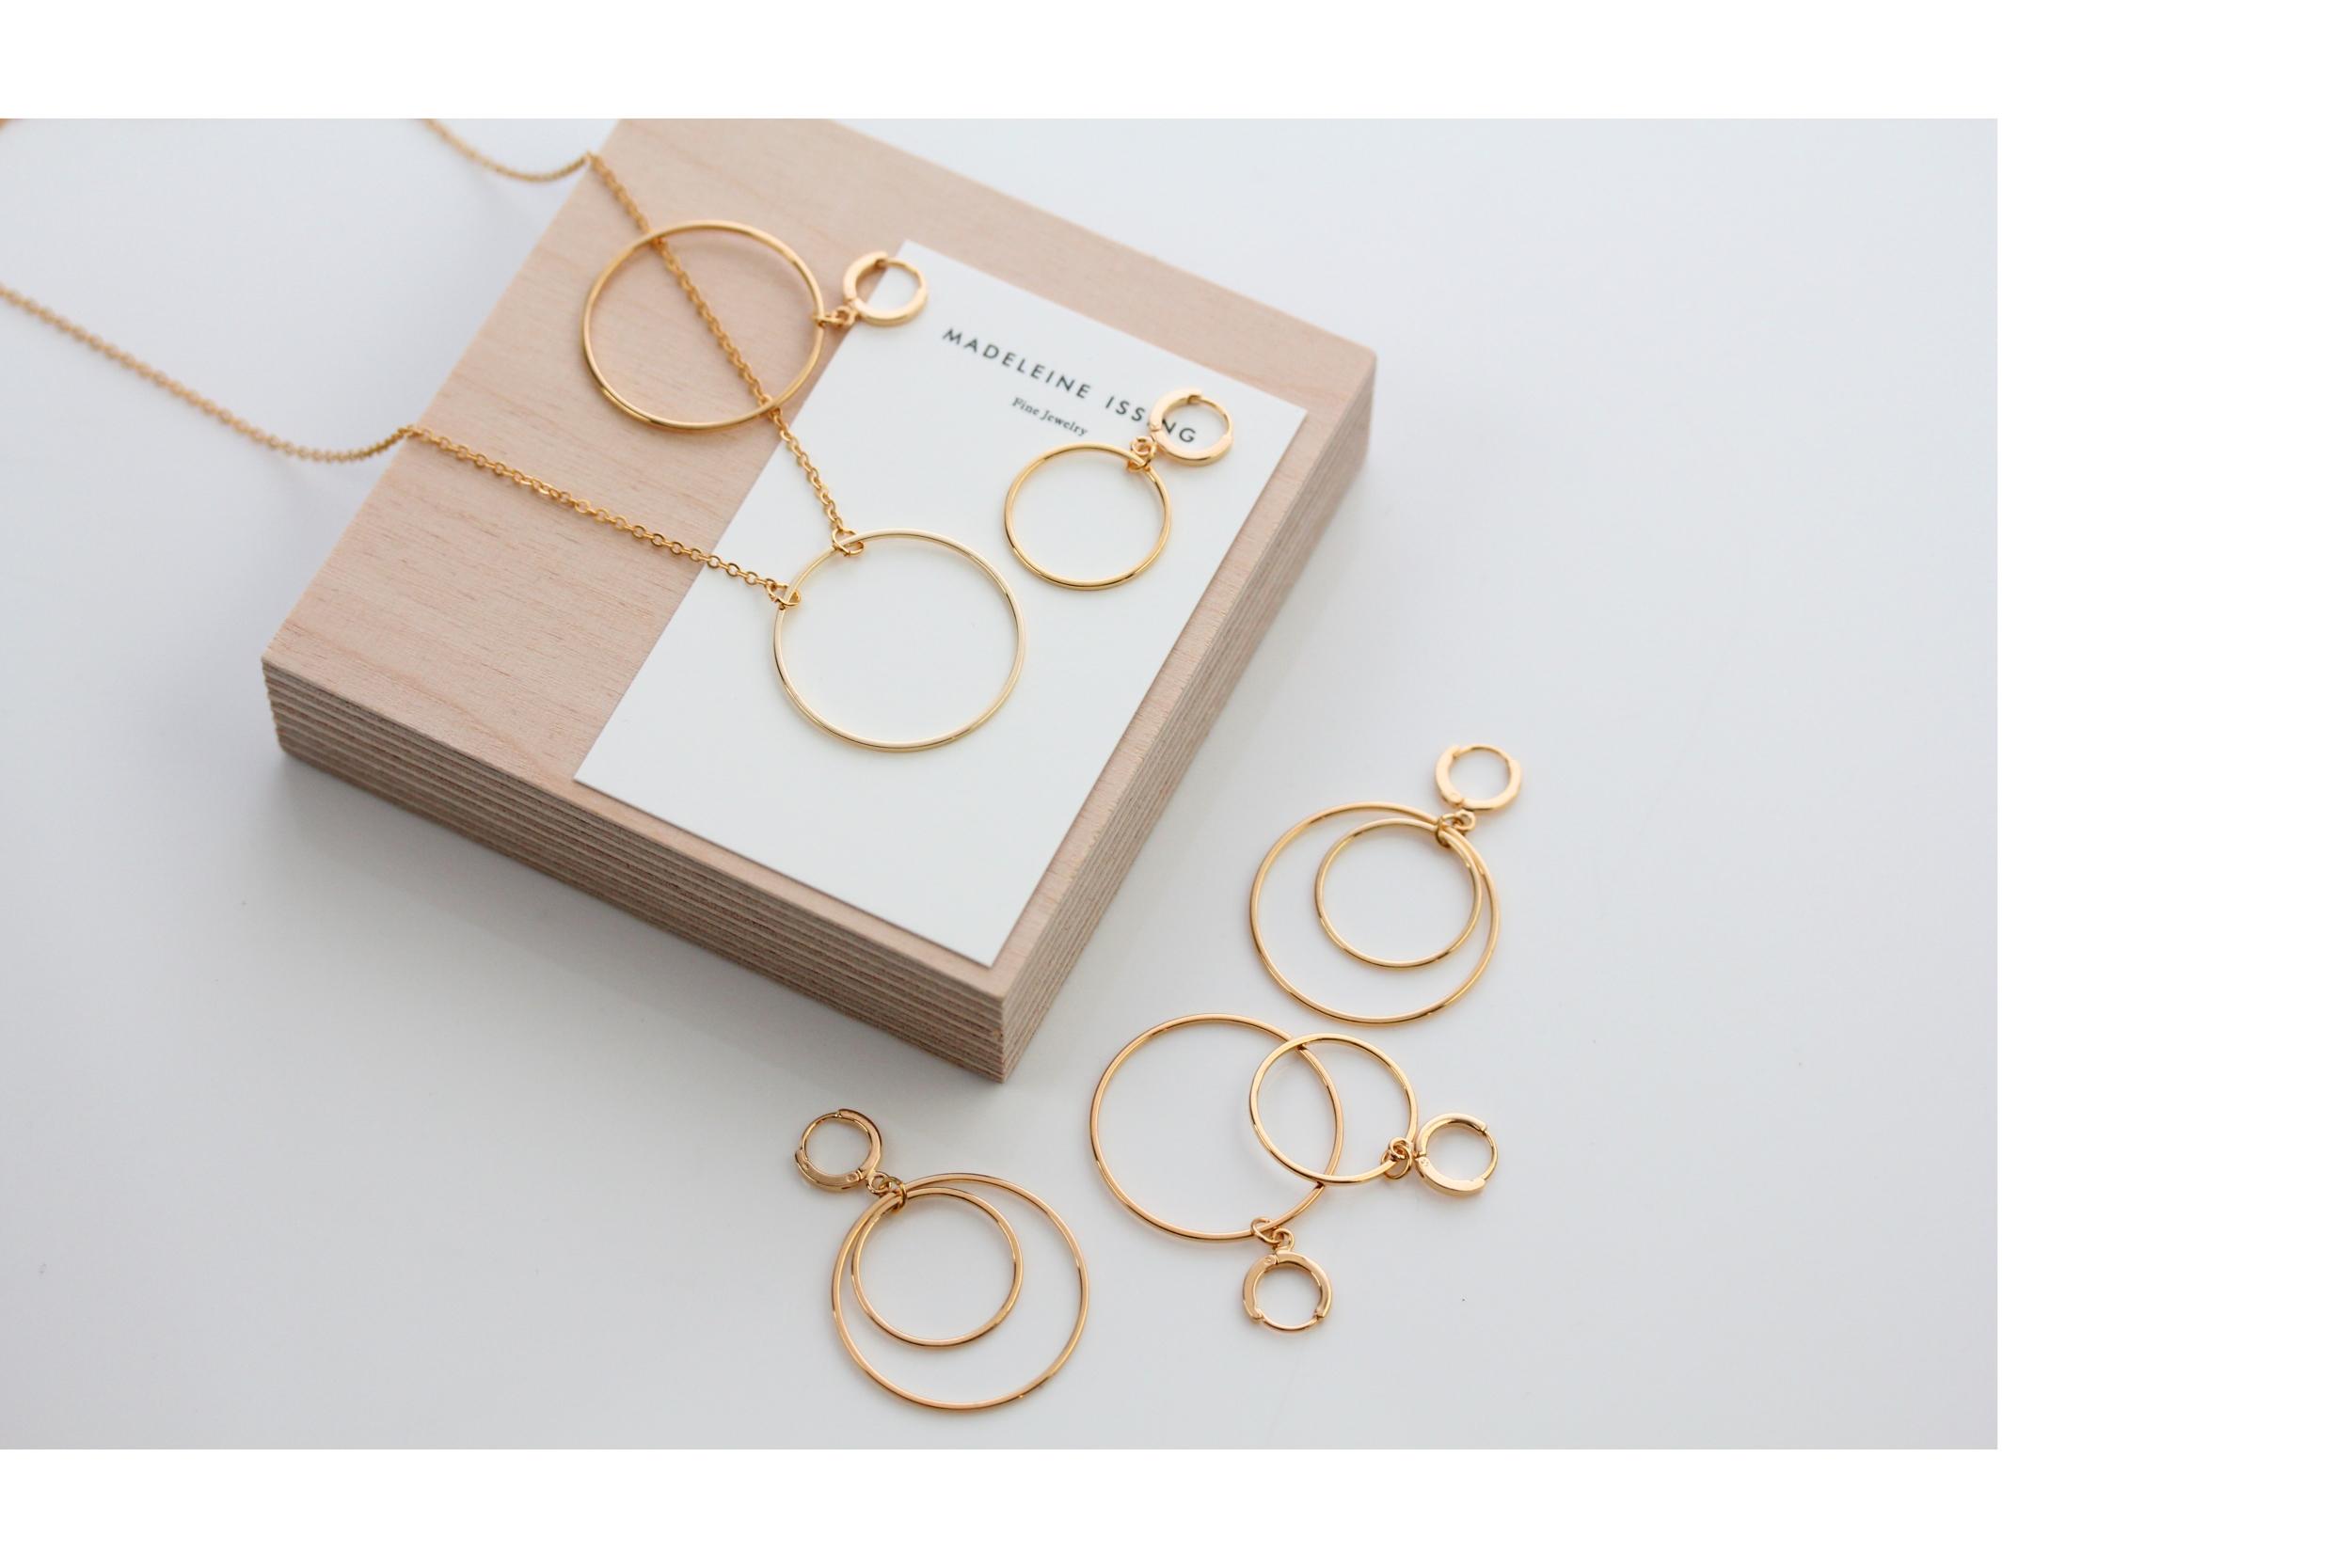 Ohrringe Kreis Förmig Gold vergoldet Madeleine Issing